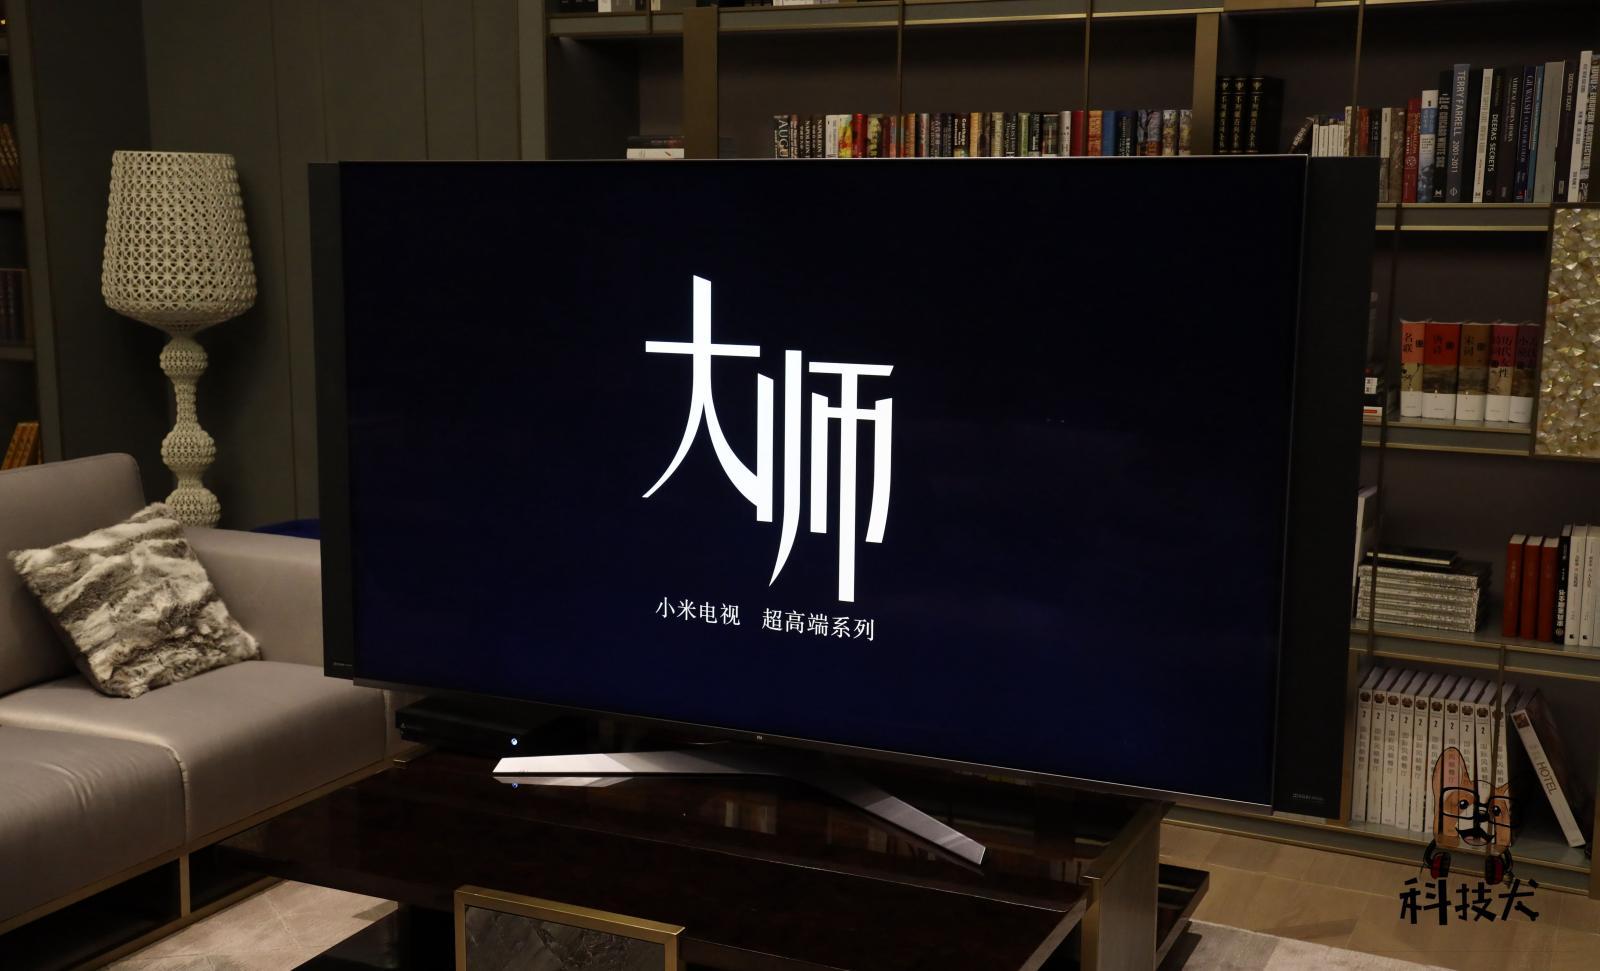 """小米电视「大师」82""""至尊纪念版评测:8K超高清时代乘势已至"""